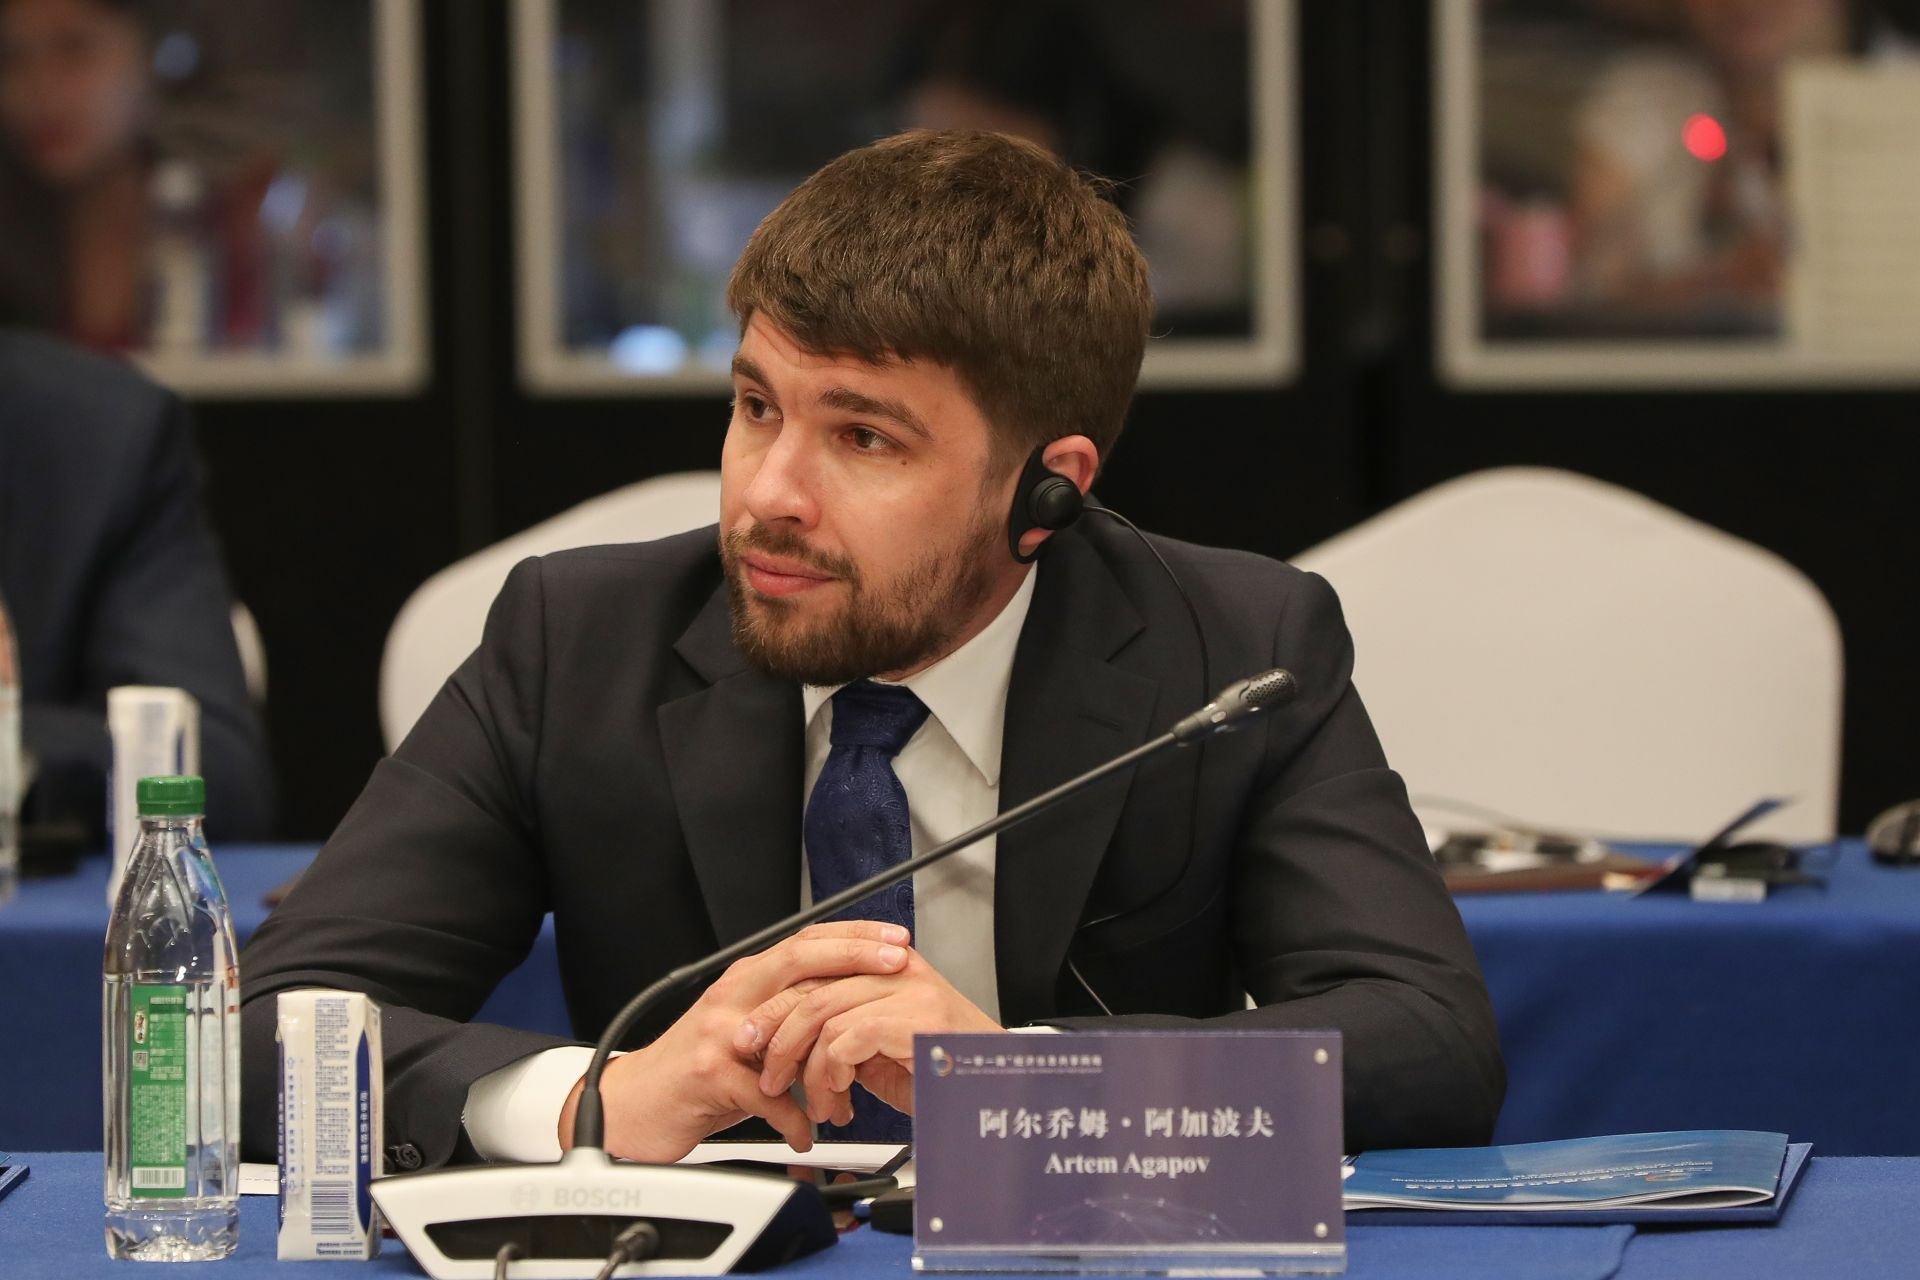 阿尔乔姆•阿加波夫  俄罗斯商业咨询数字产品副总监